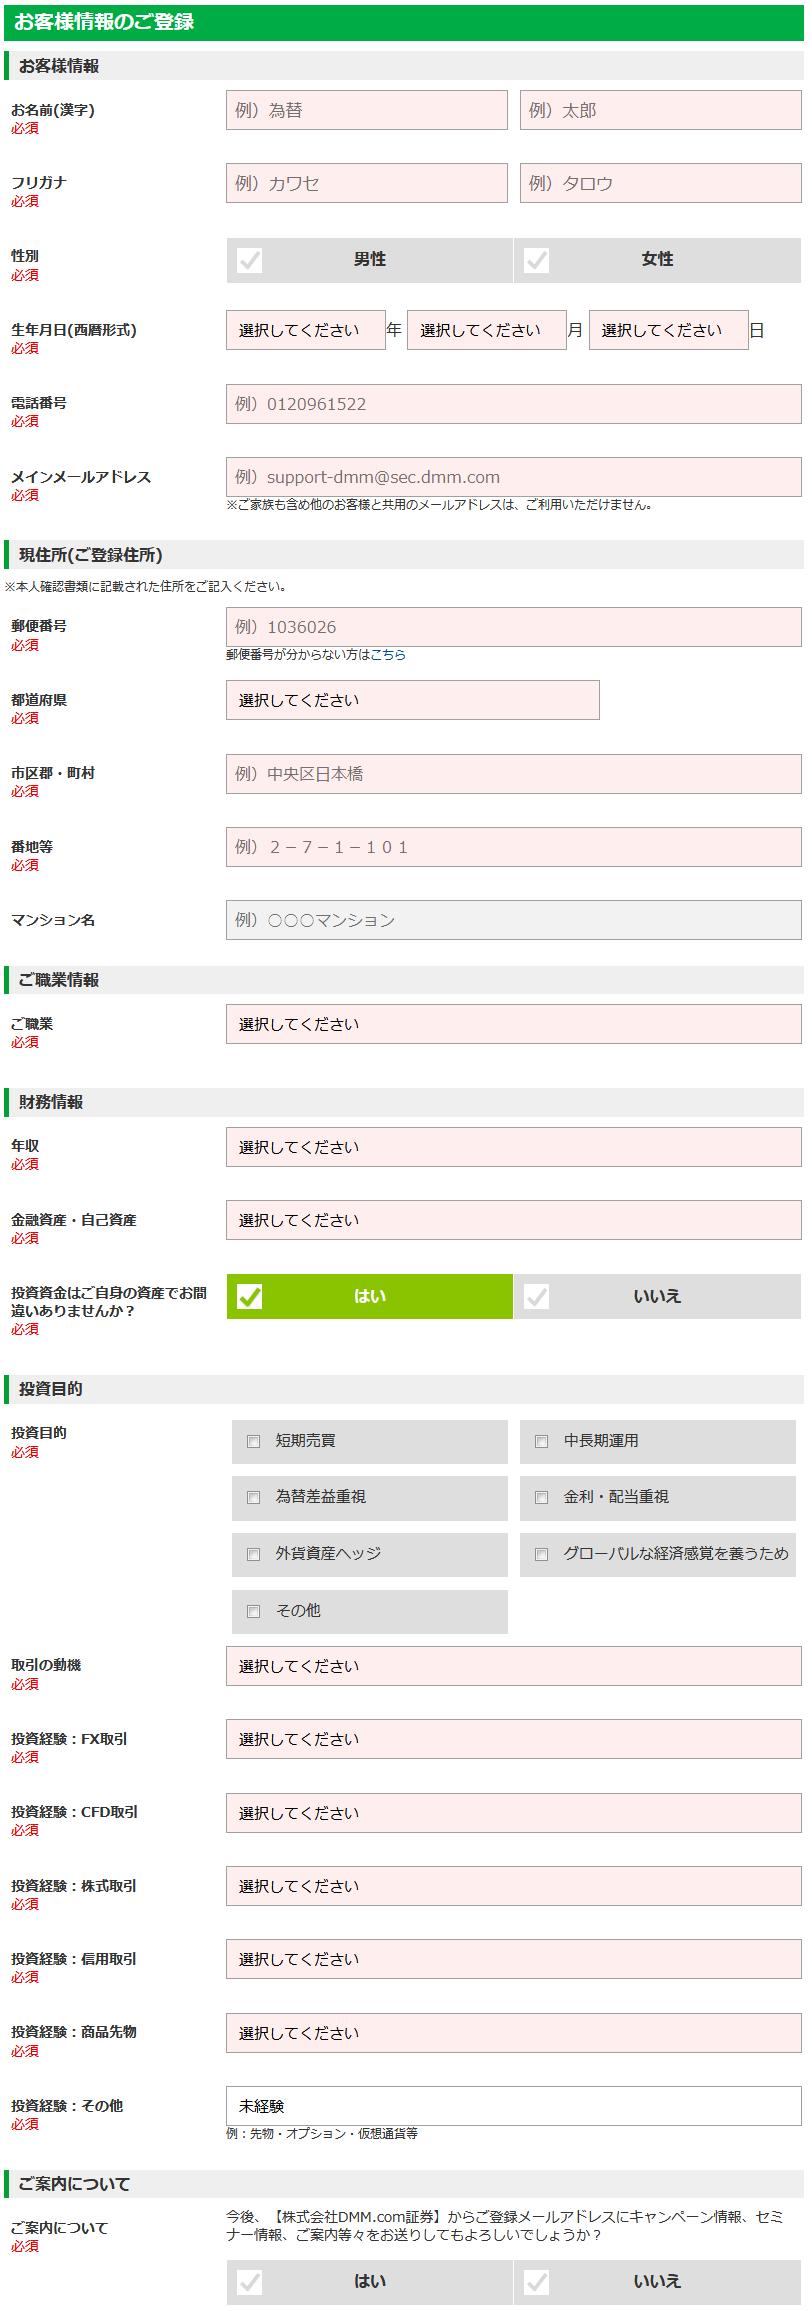 DMMFX口座開設申込フォーム